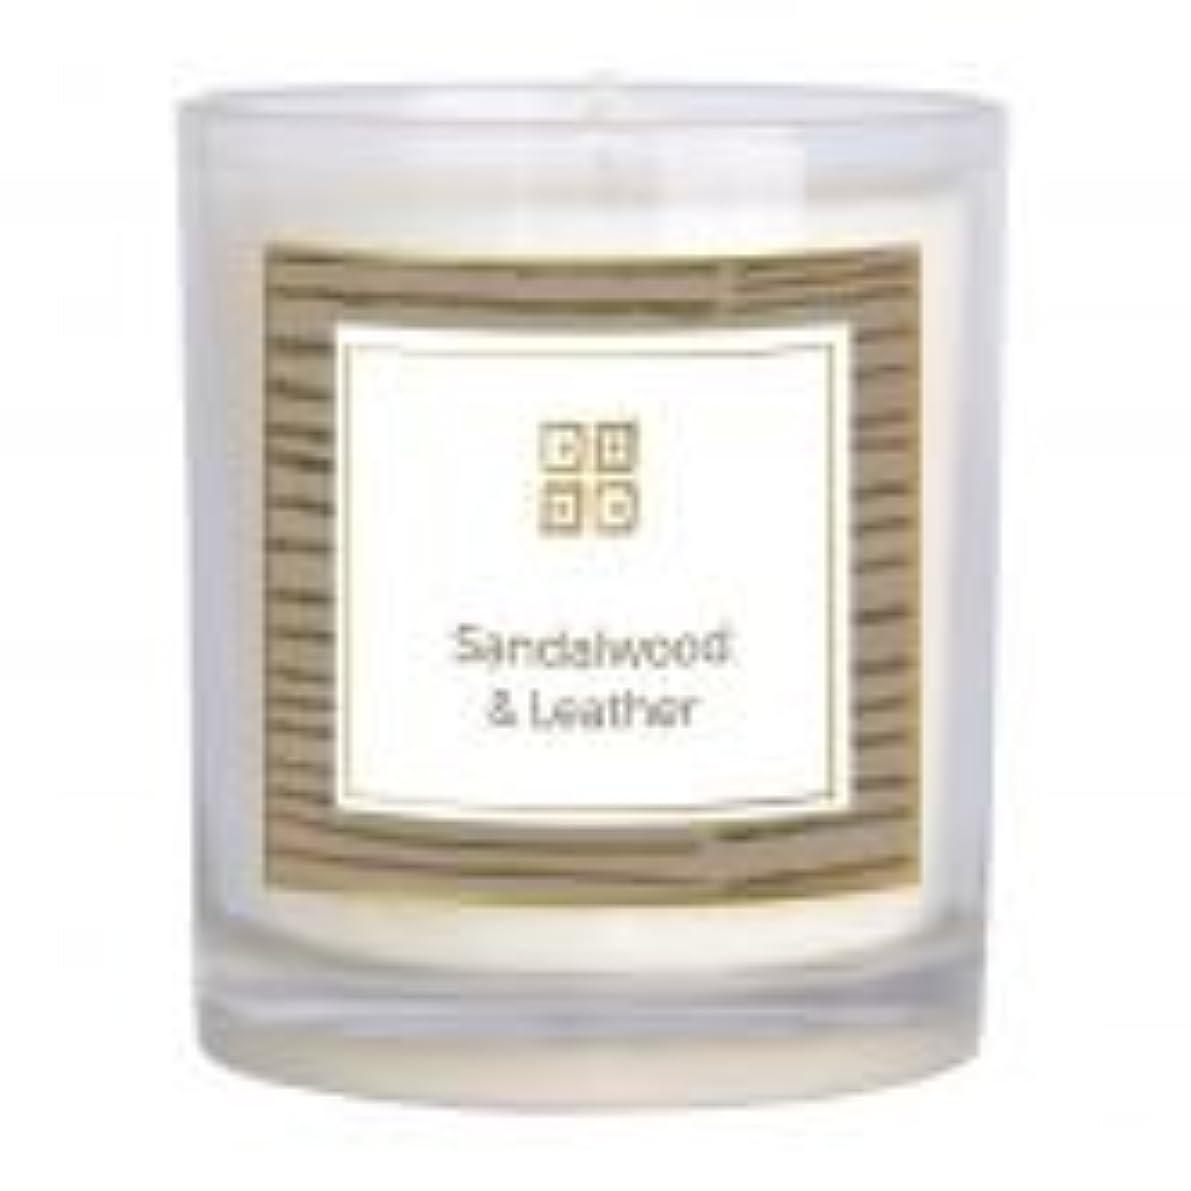 教養がある脱臼するたっぷりサンダルウッド&レザー香りのキャンドル 12 oz 503-08844